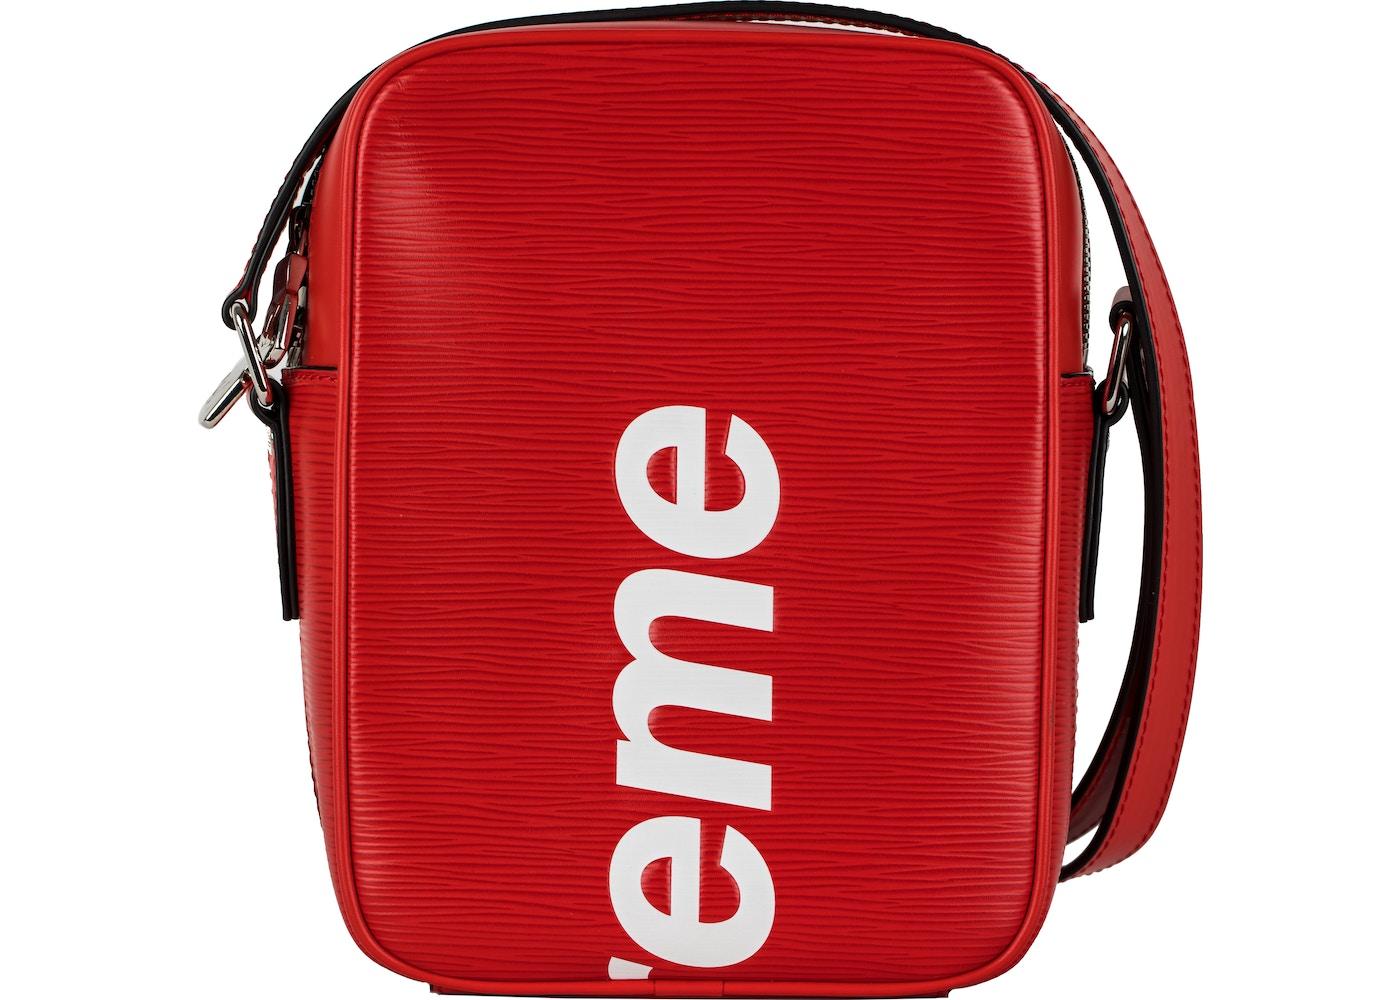 b537922d Louis Vuitton x Supreme Danube Epi PM Red